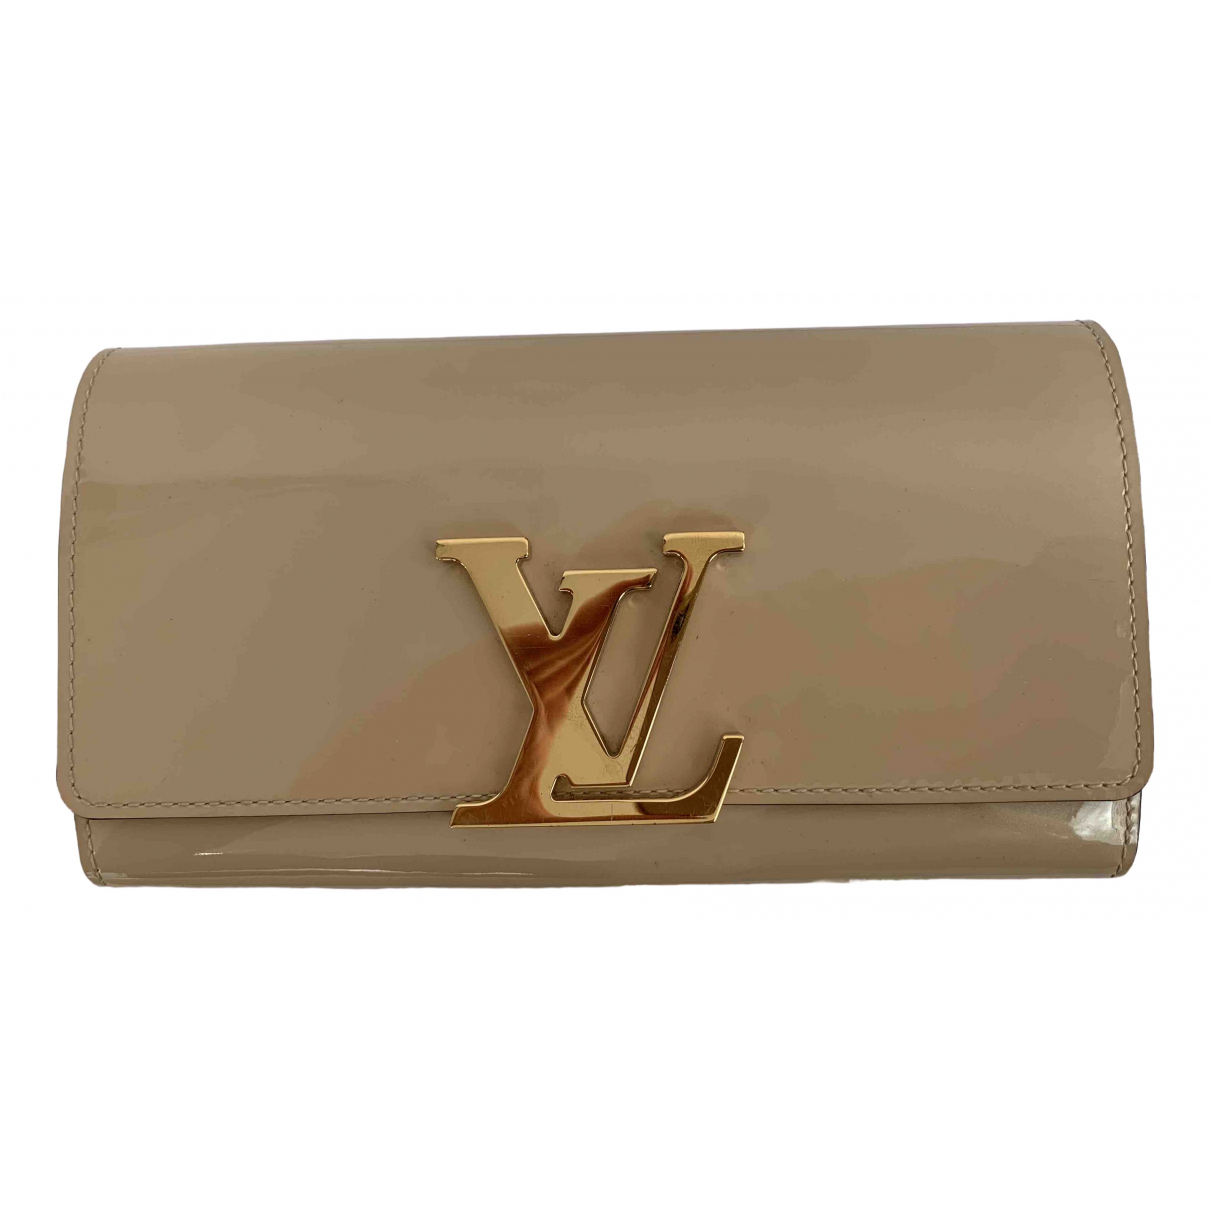 Louis Vuitton - Portefeuille Louise pour femme en cuir verni - beige